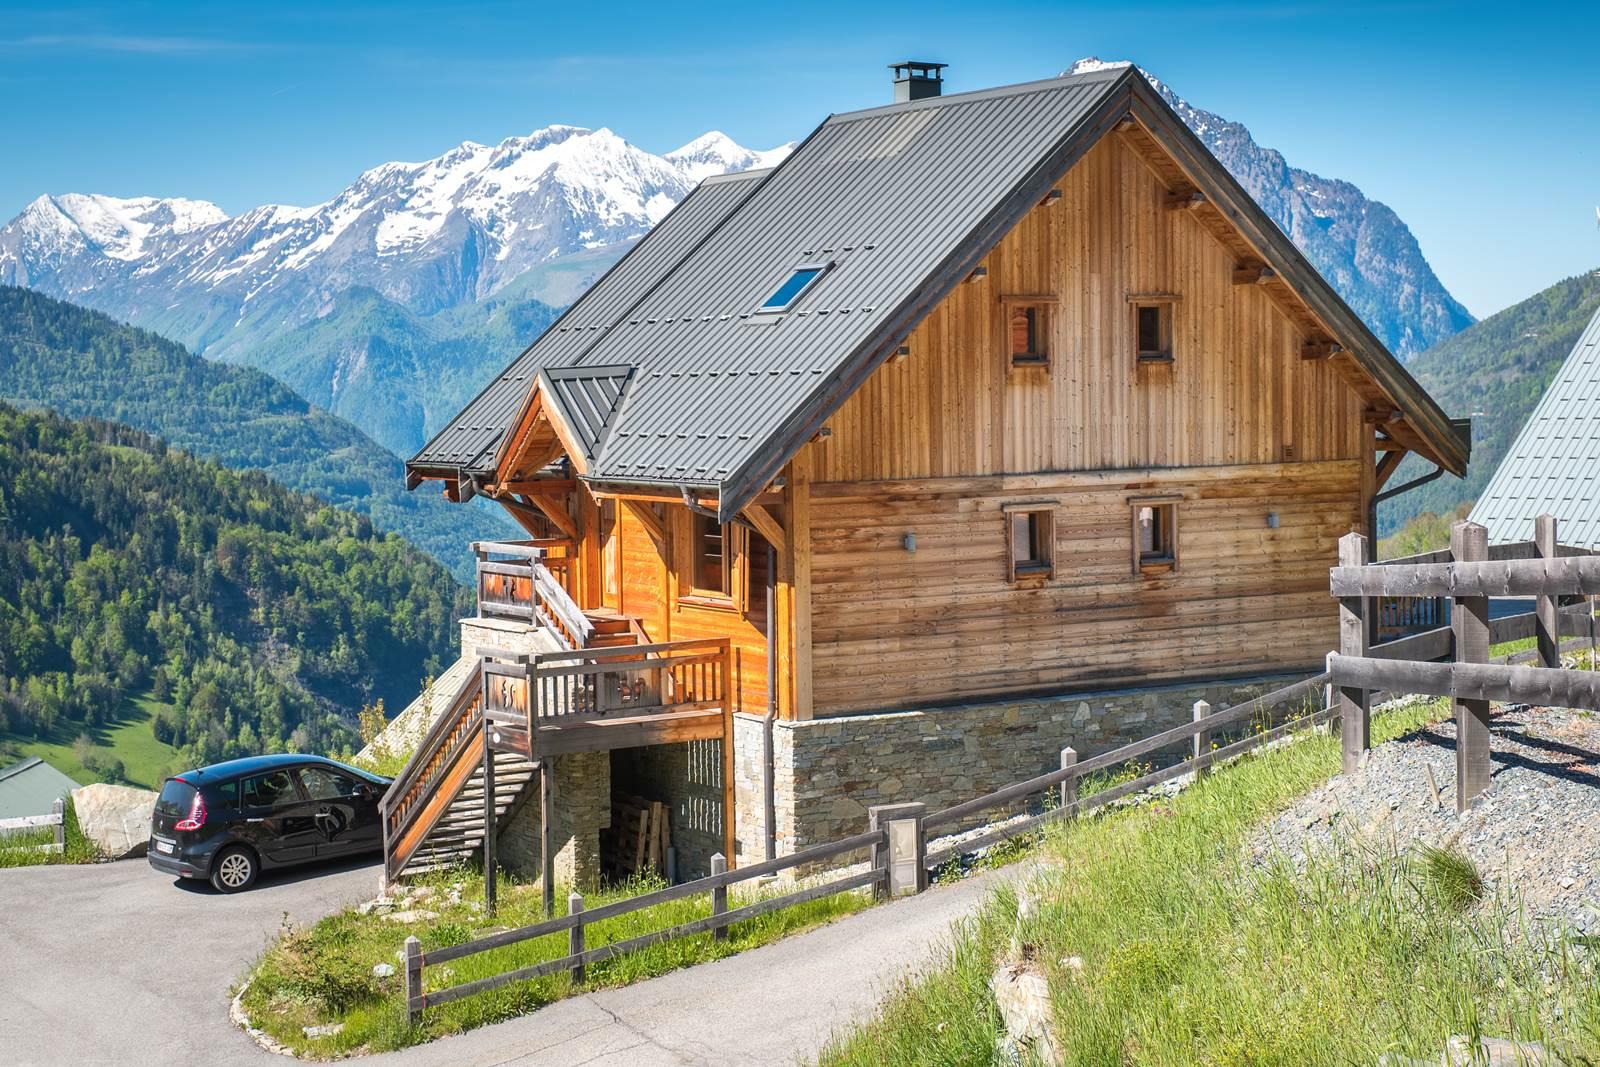 Photographe Immobilier De Montagne